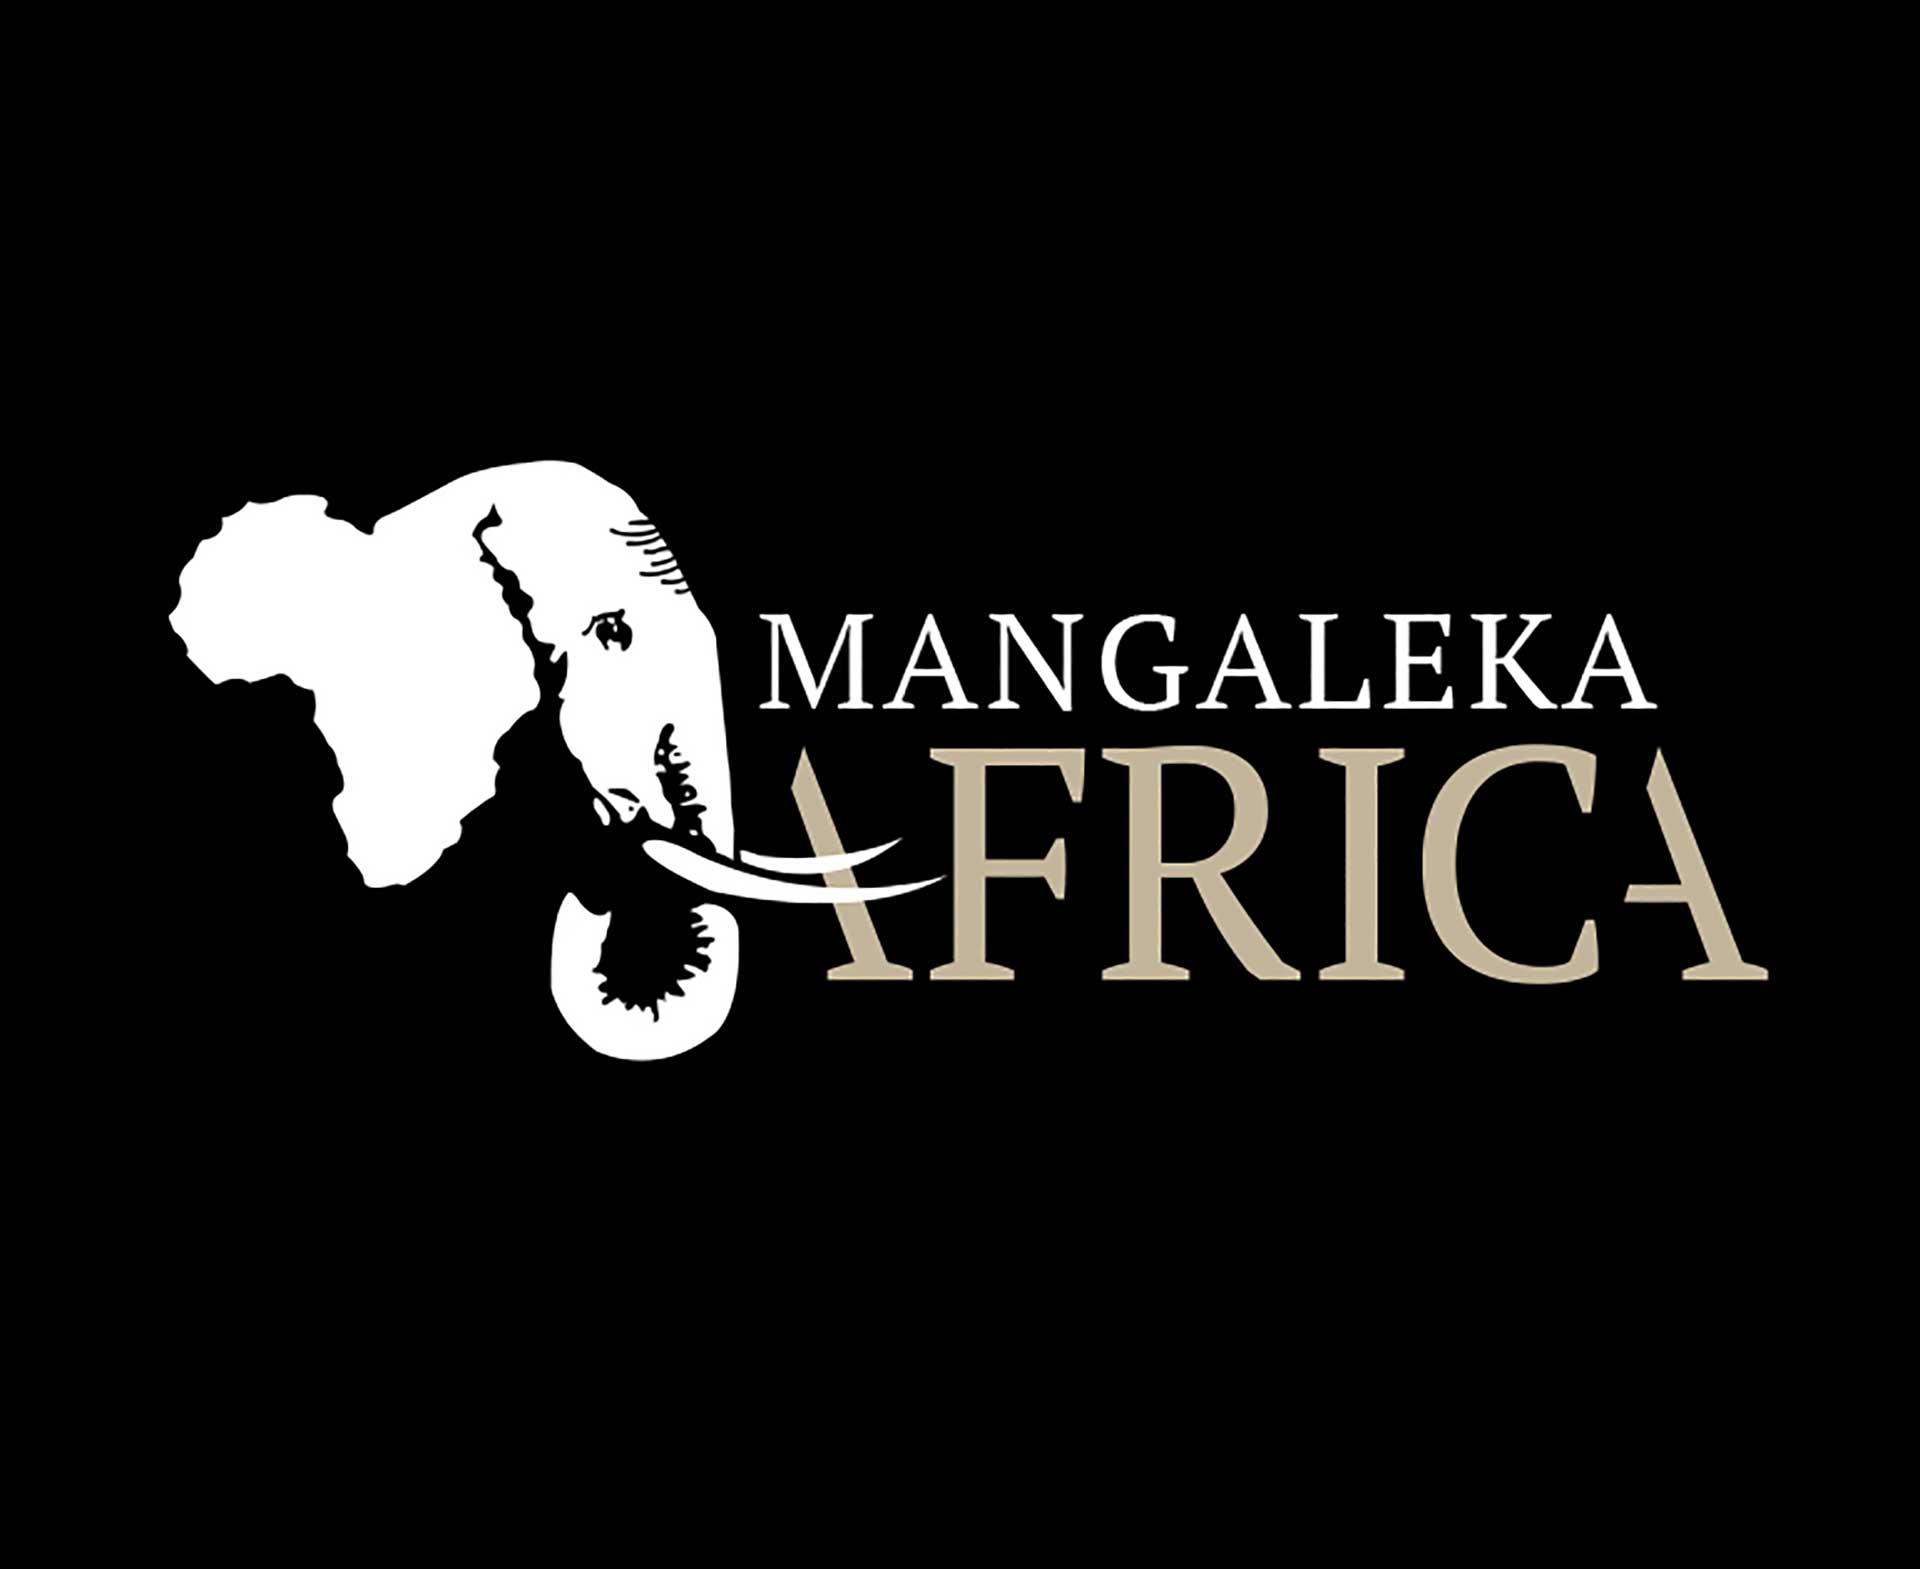 Mangaleka-africa-logo-new